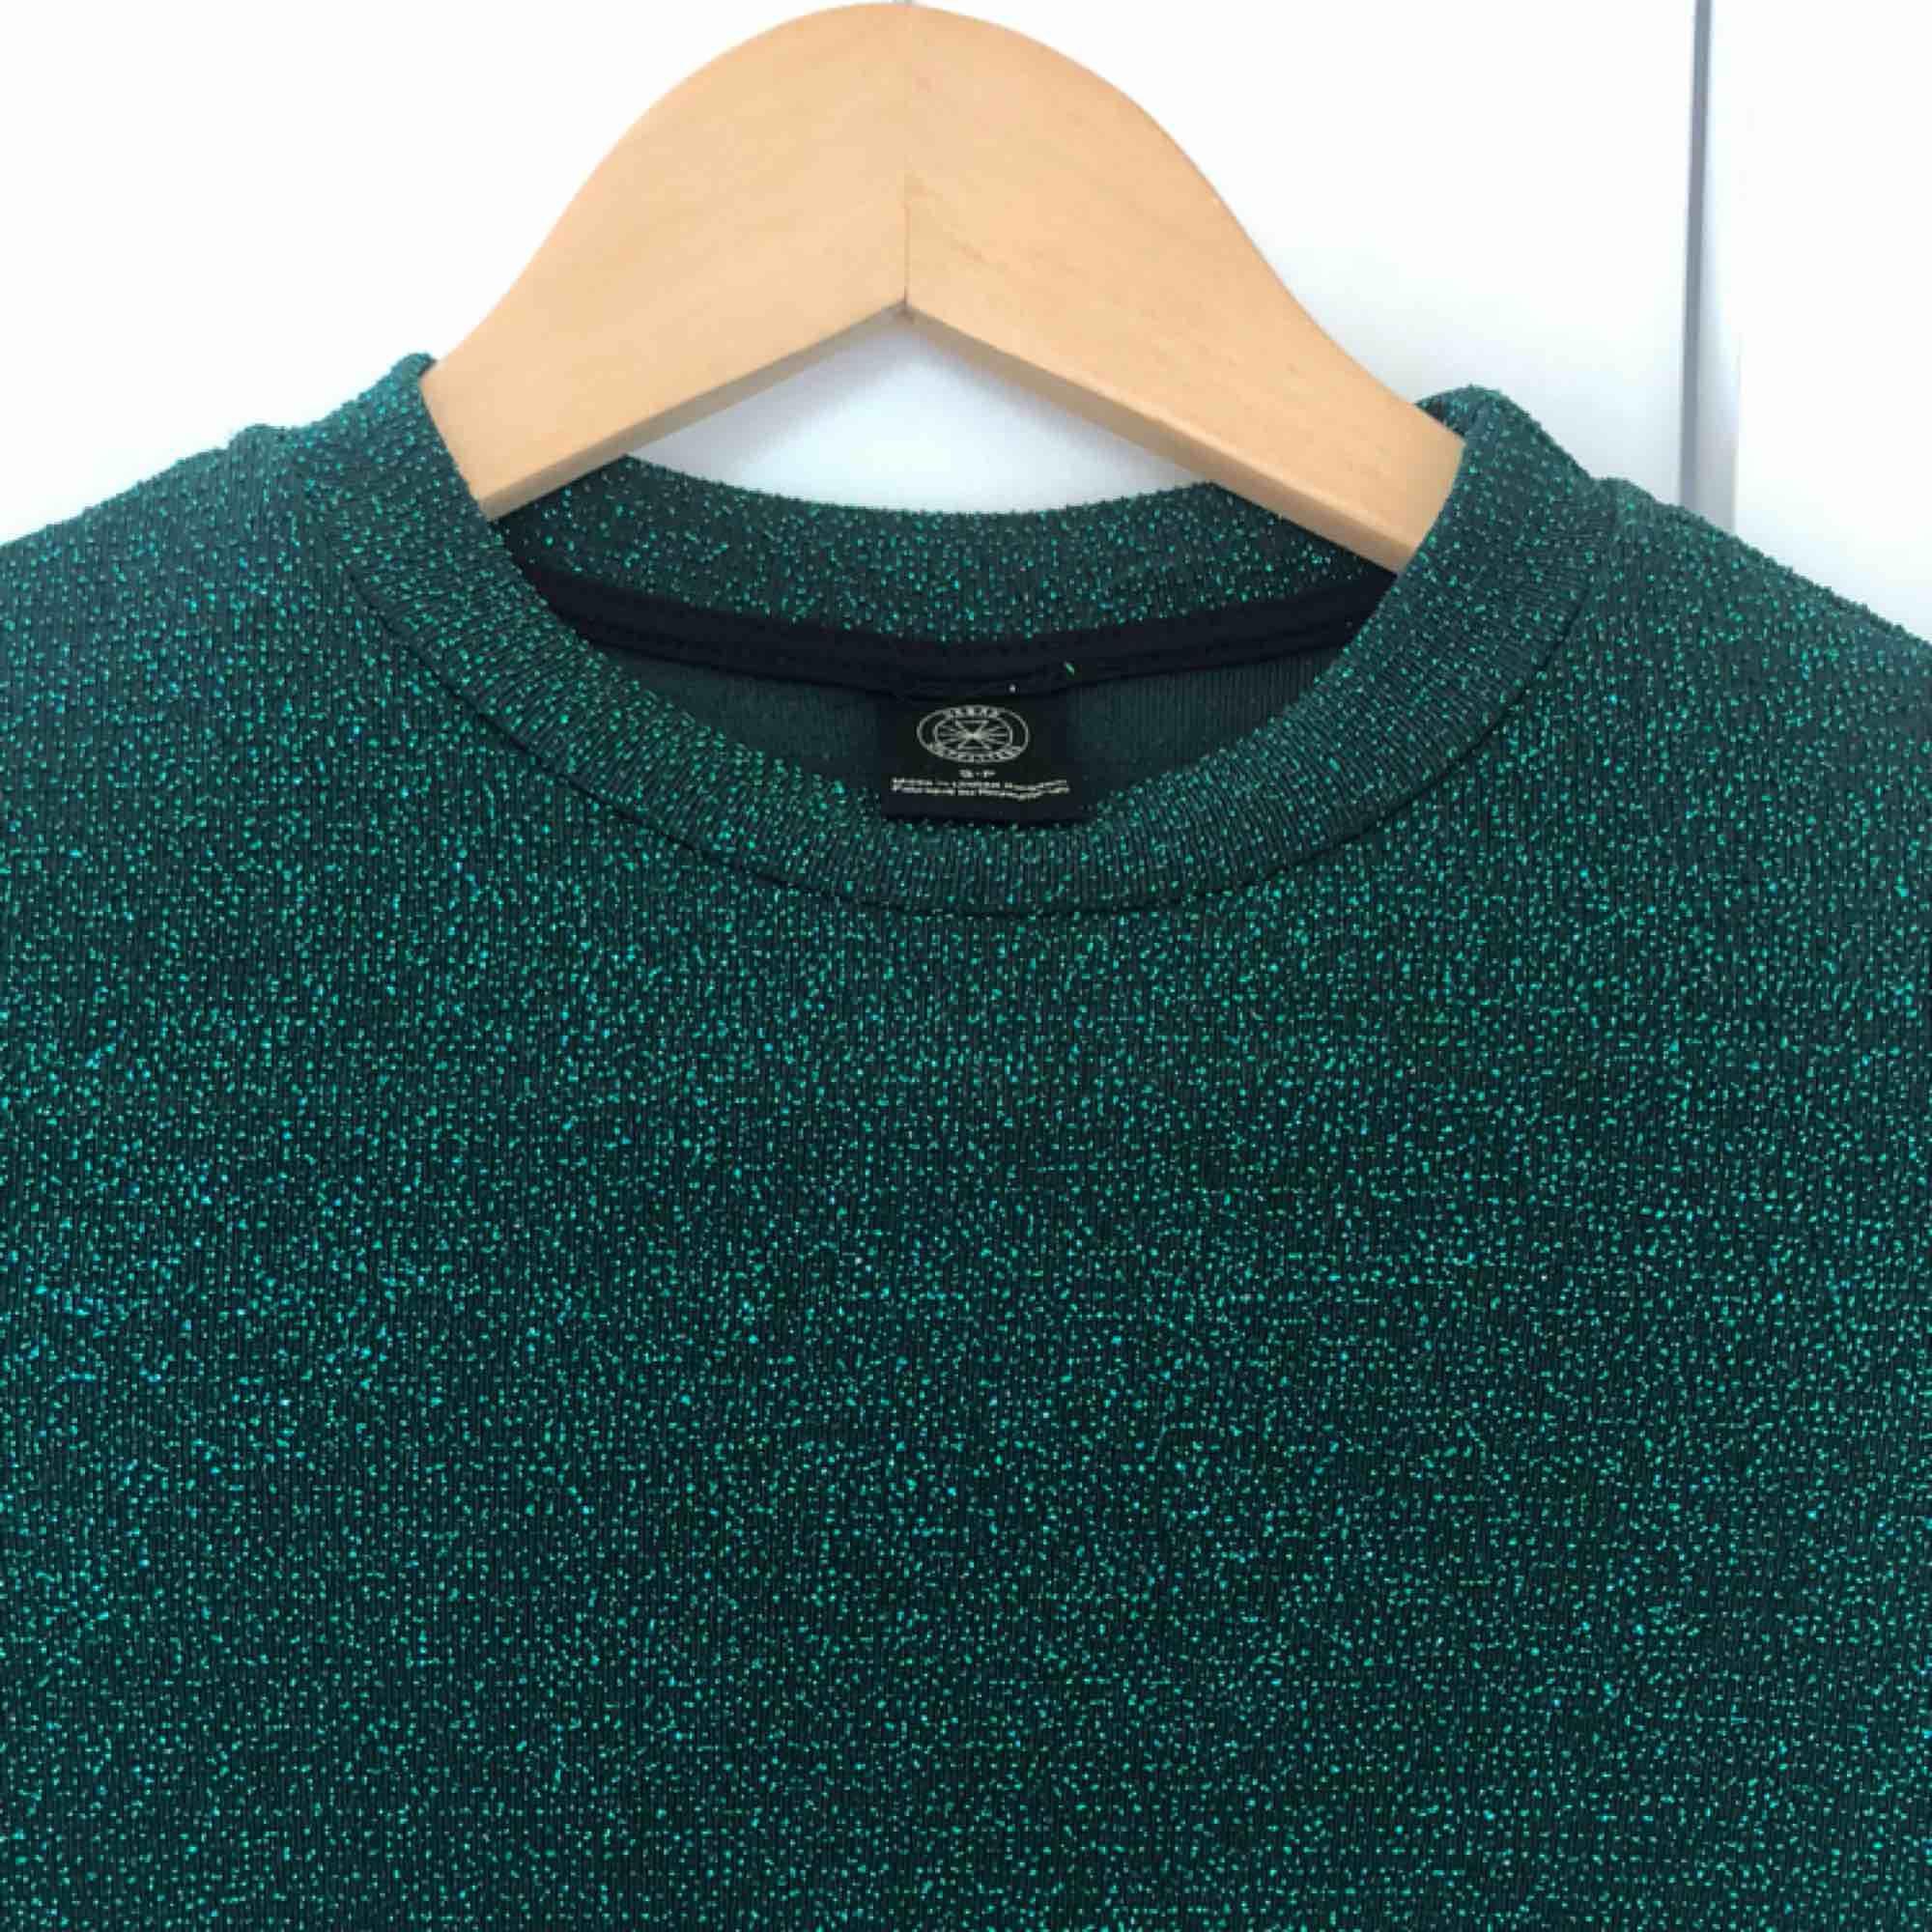 Grön glittrig croptop i storlek S. Är från Urban Outfitters, nypris runt 300 kr. Superfint skick. Köparen står för frakt. Toppar.